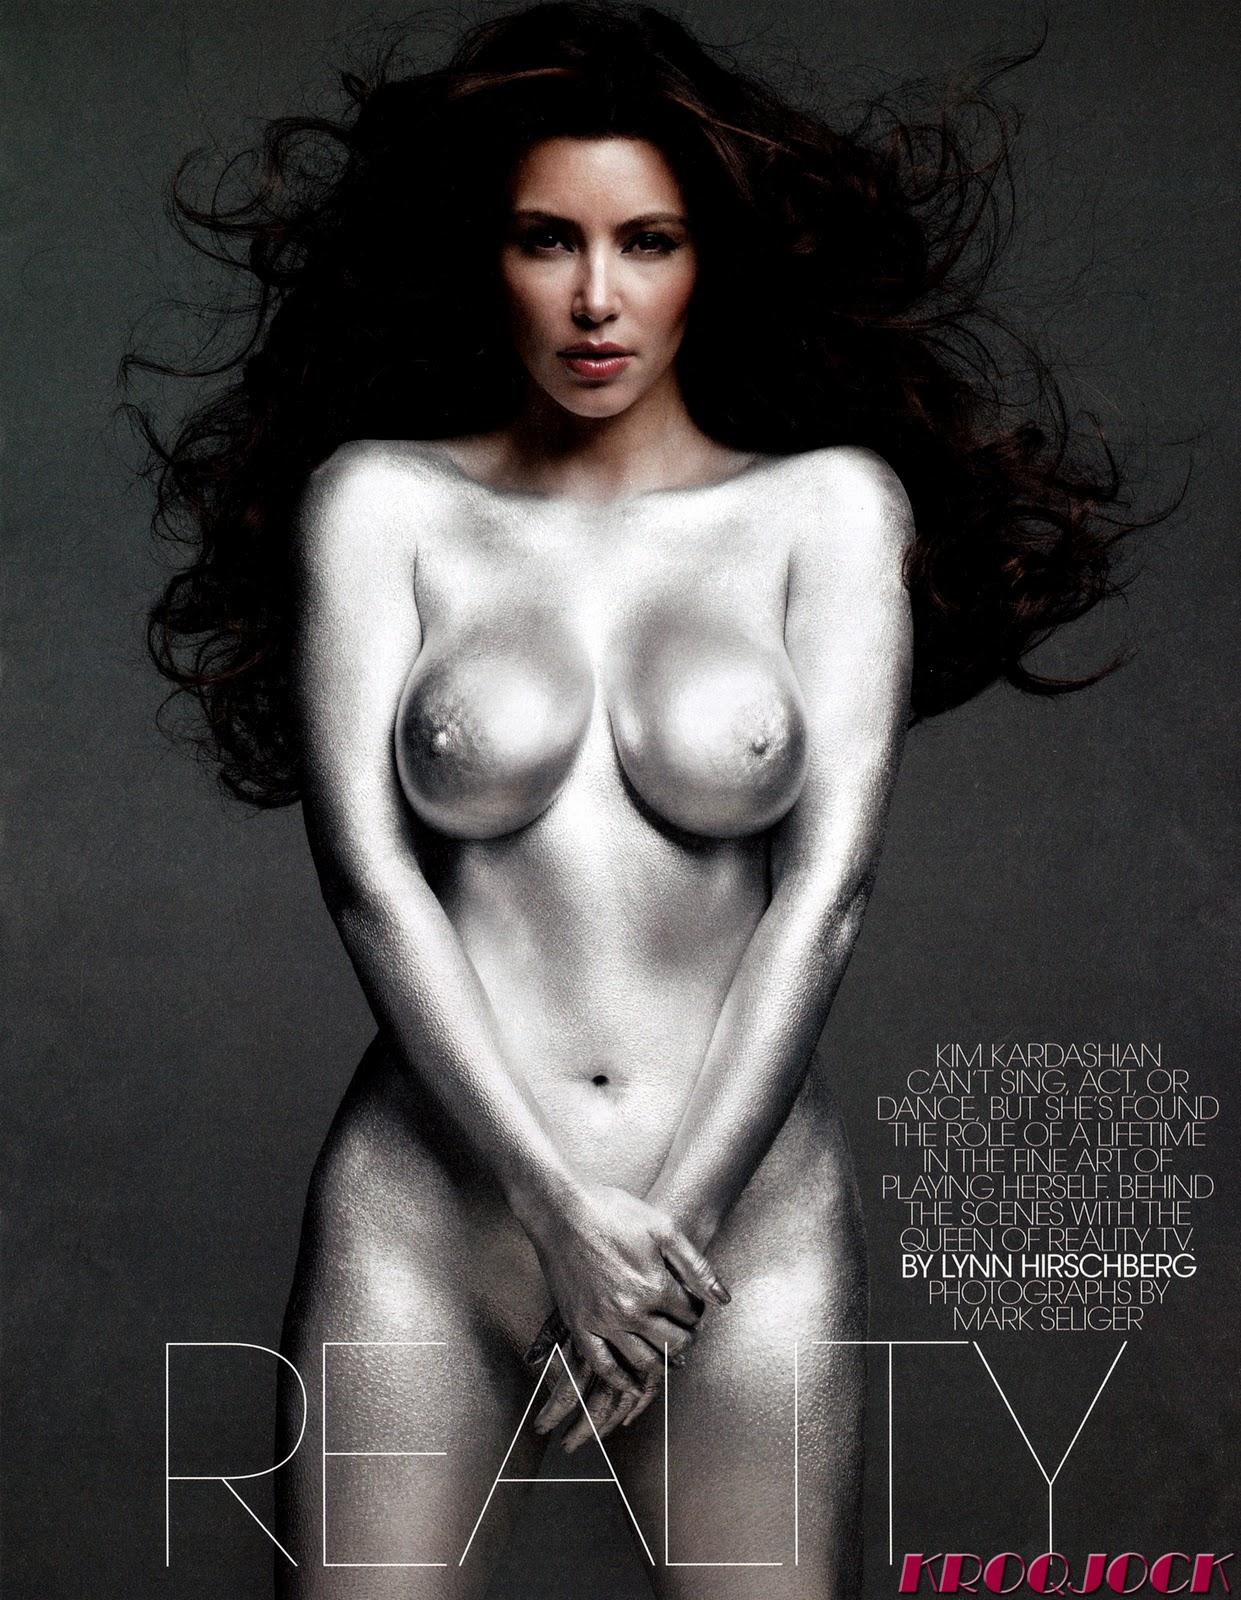 http://2.bp.blogspot.com/_Qj2QDsZoFcA/TUnFXRmDMcI/AAAAAAAADOM/z0chcXt_HeM/s1600/Kim-Kardashian-W-Magazine-2.jpg